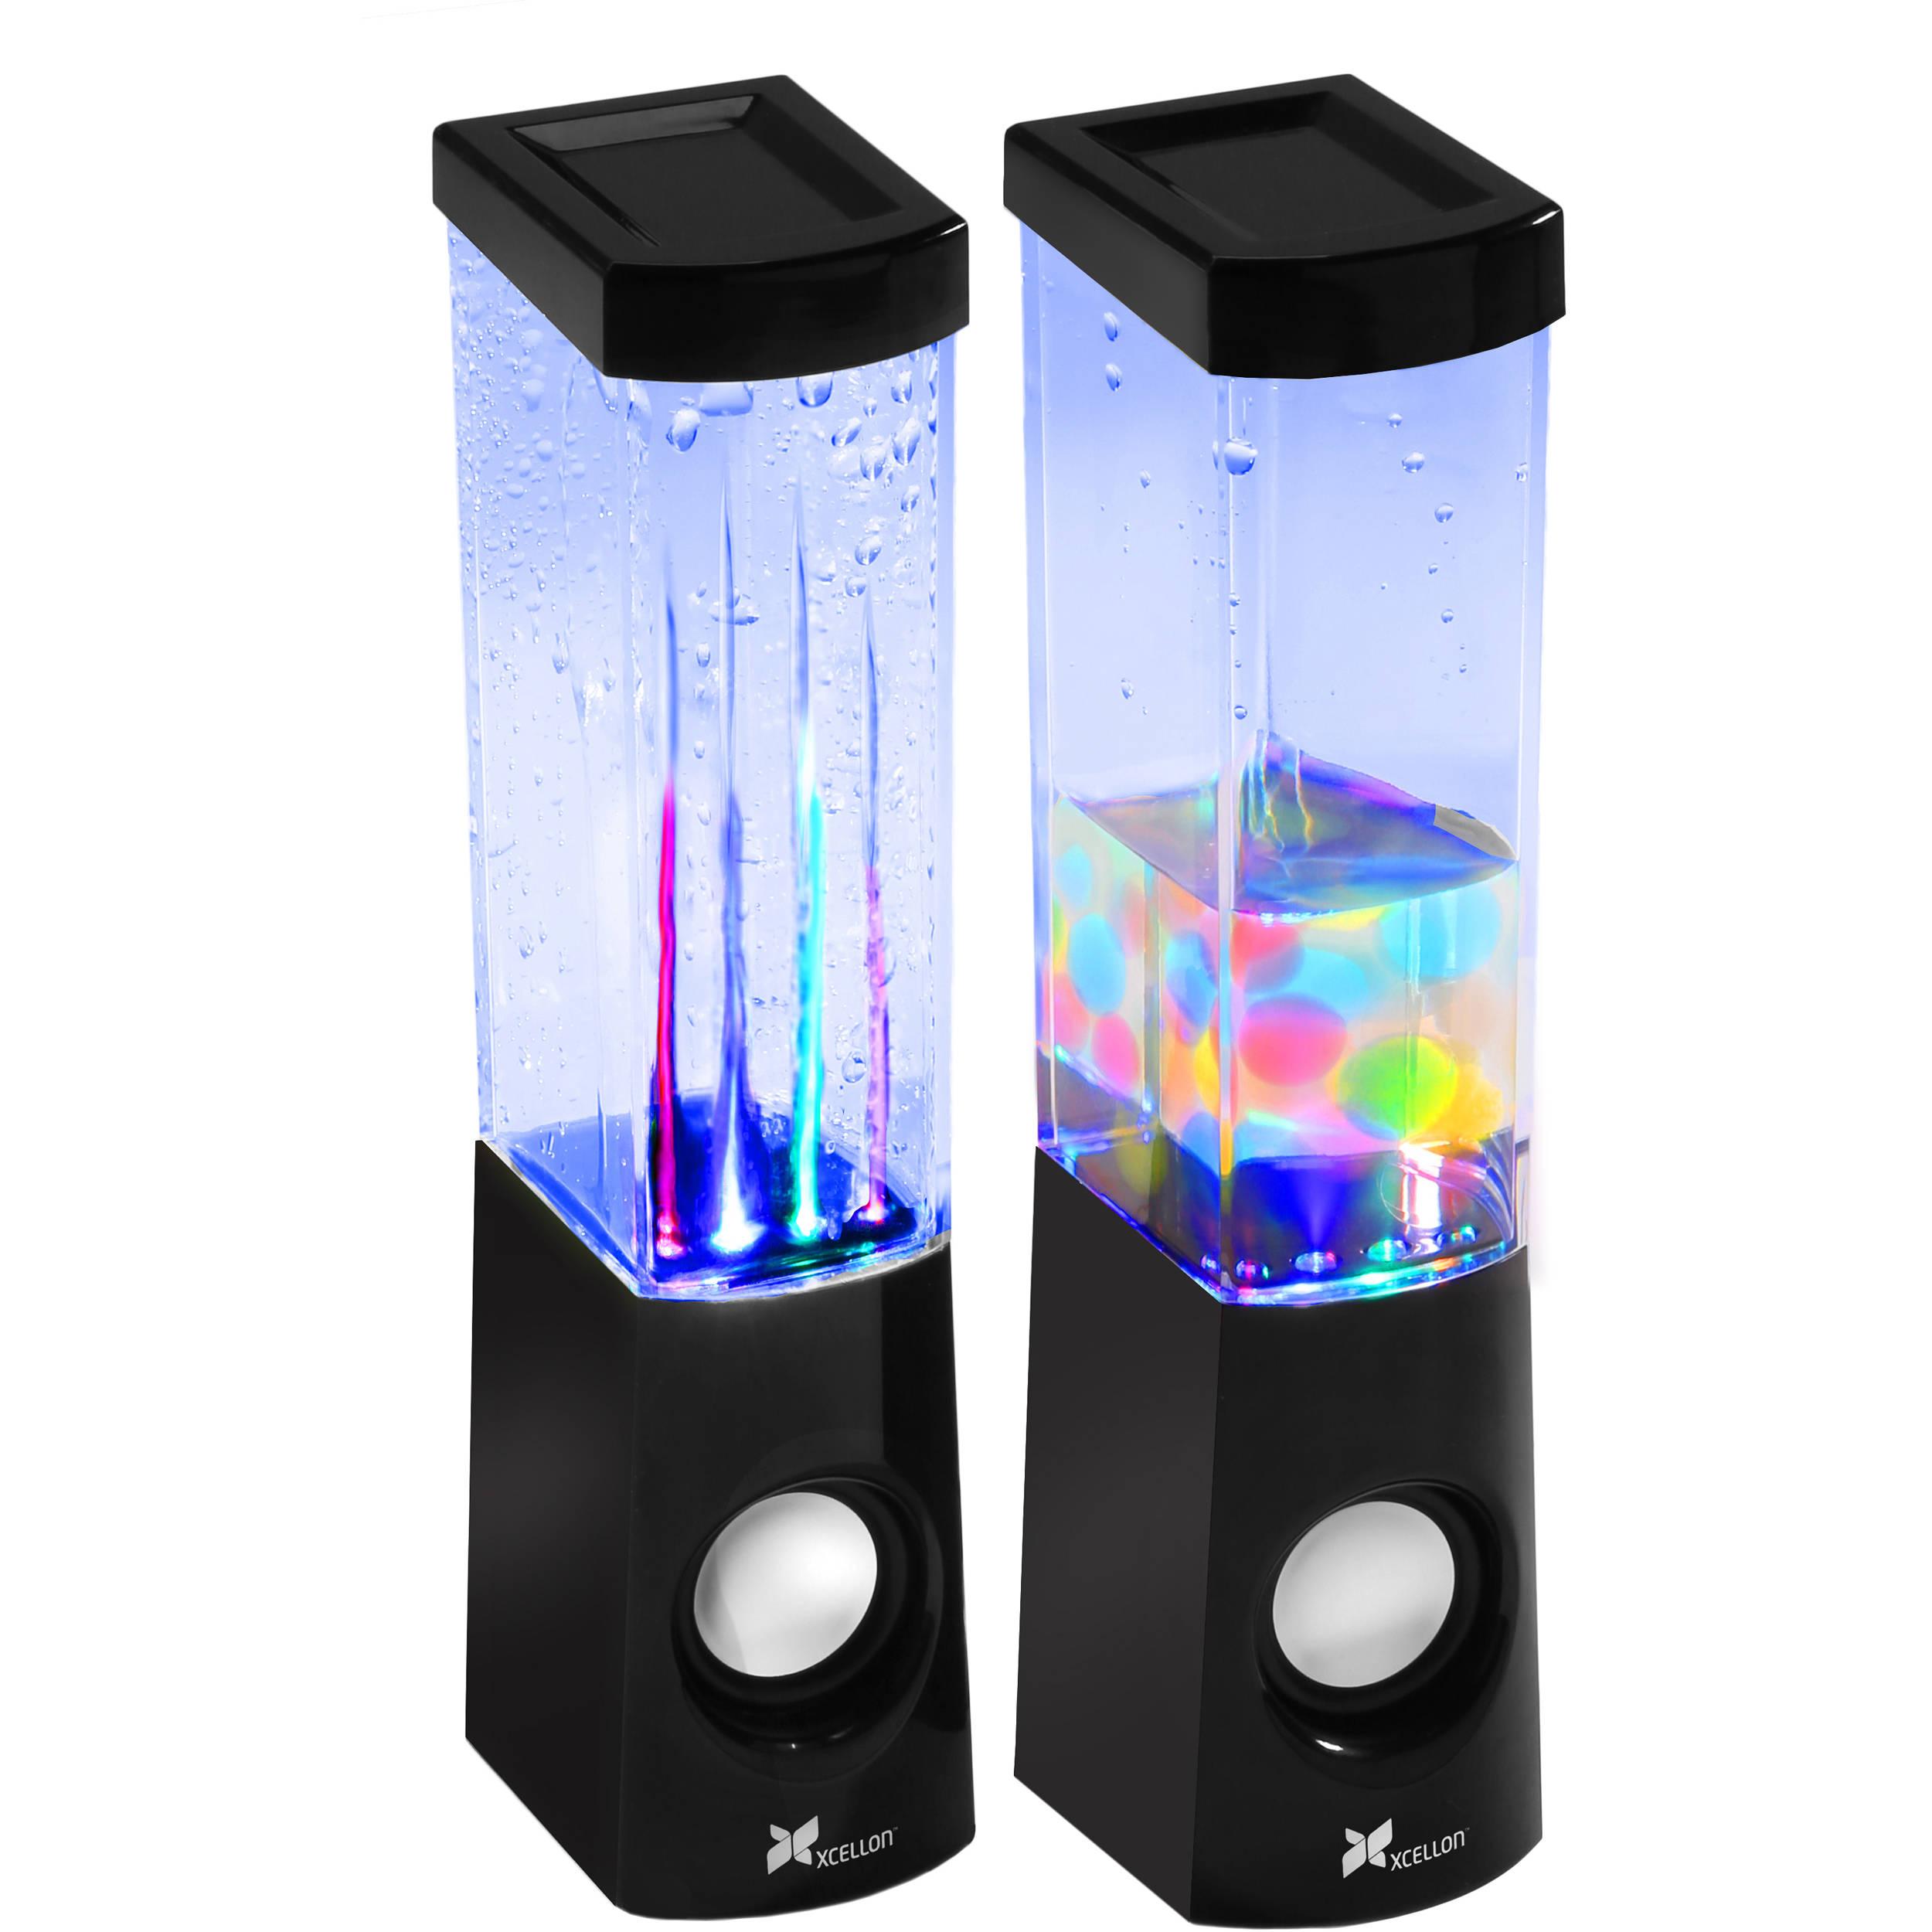 Xcellon 2-in-1 Dancing Water Speakers